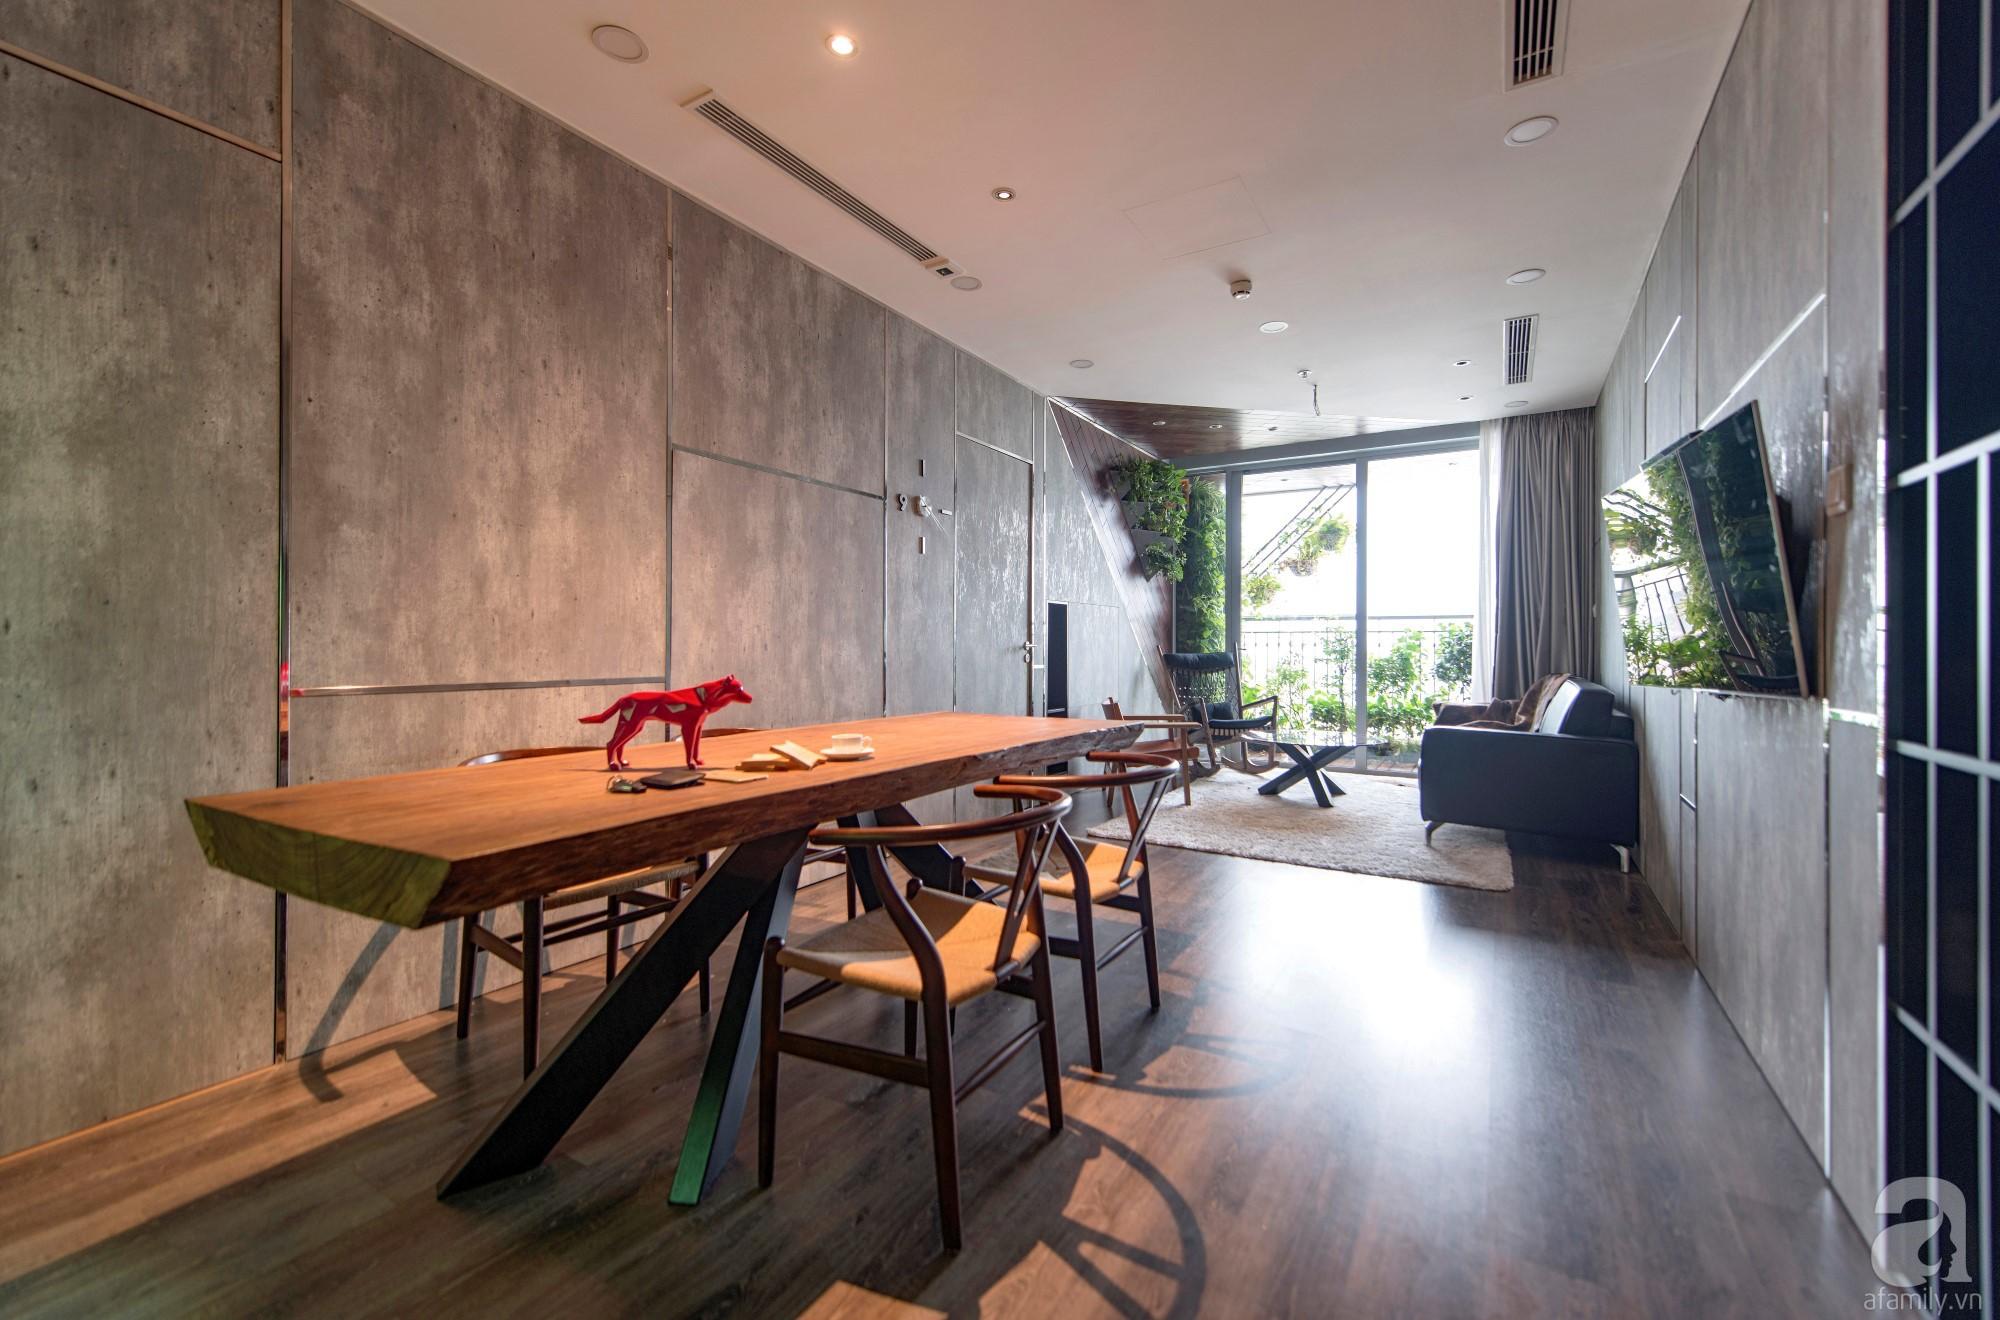 Căn hộ 80m² trên tầng 21 đẹp độc đáo với chi phí cải tạo 780 triệu đồng của chủ nhà yêu cây xanh - Ảnh 15.